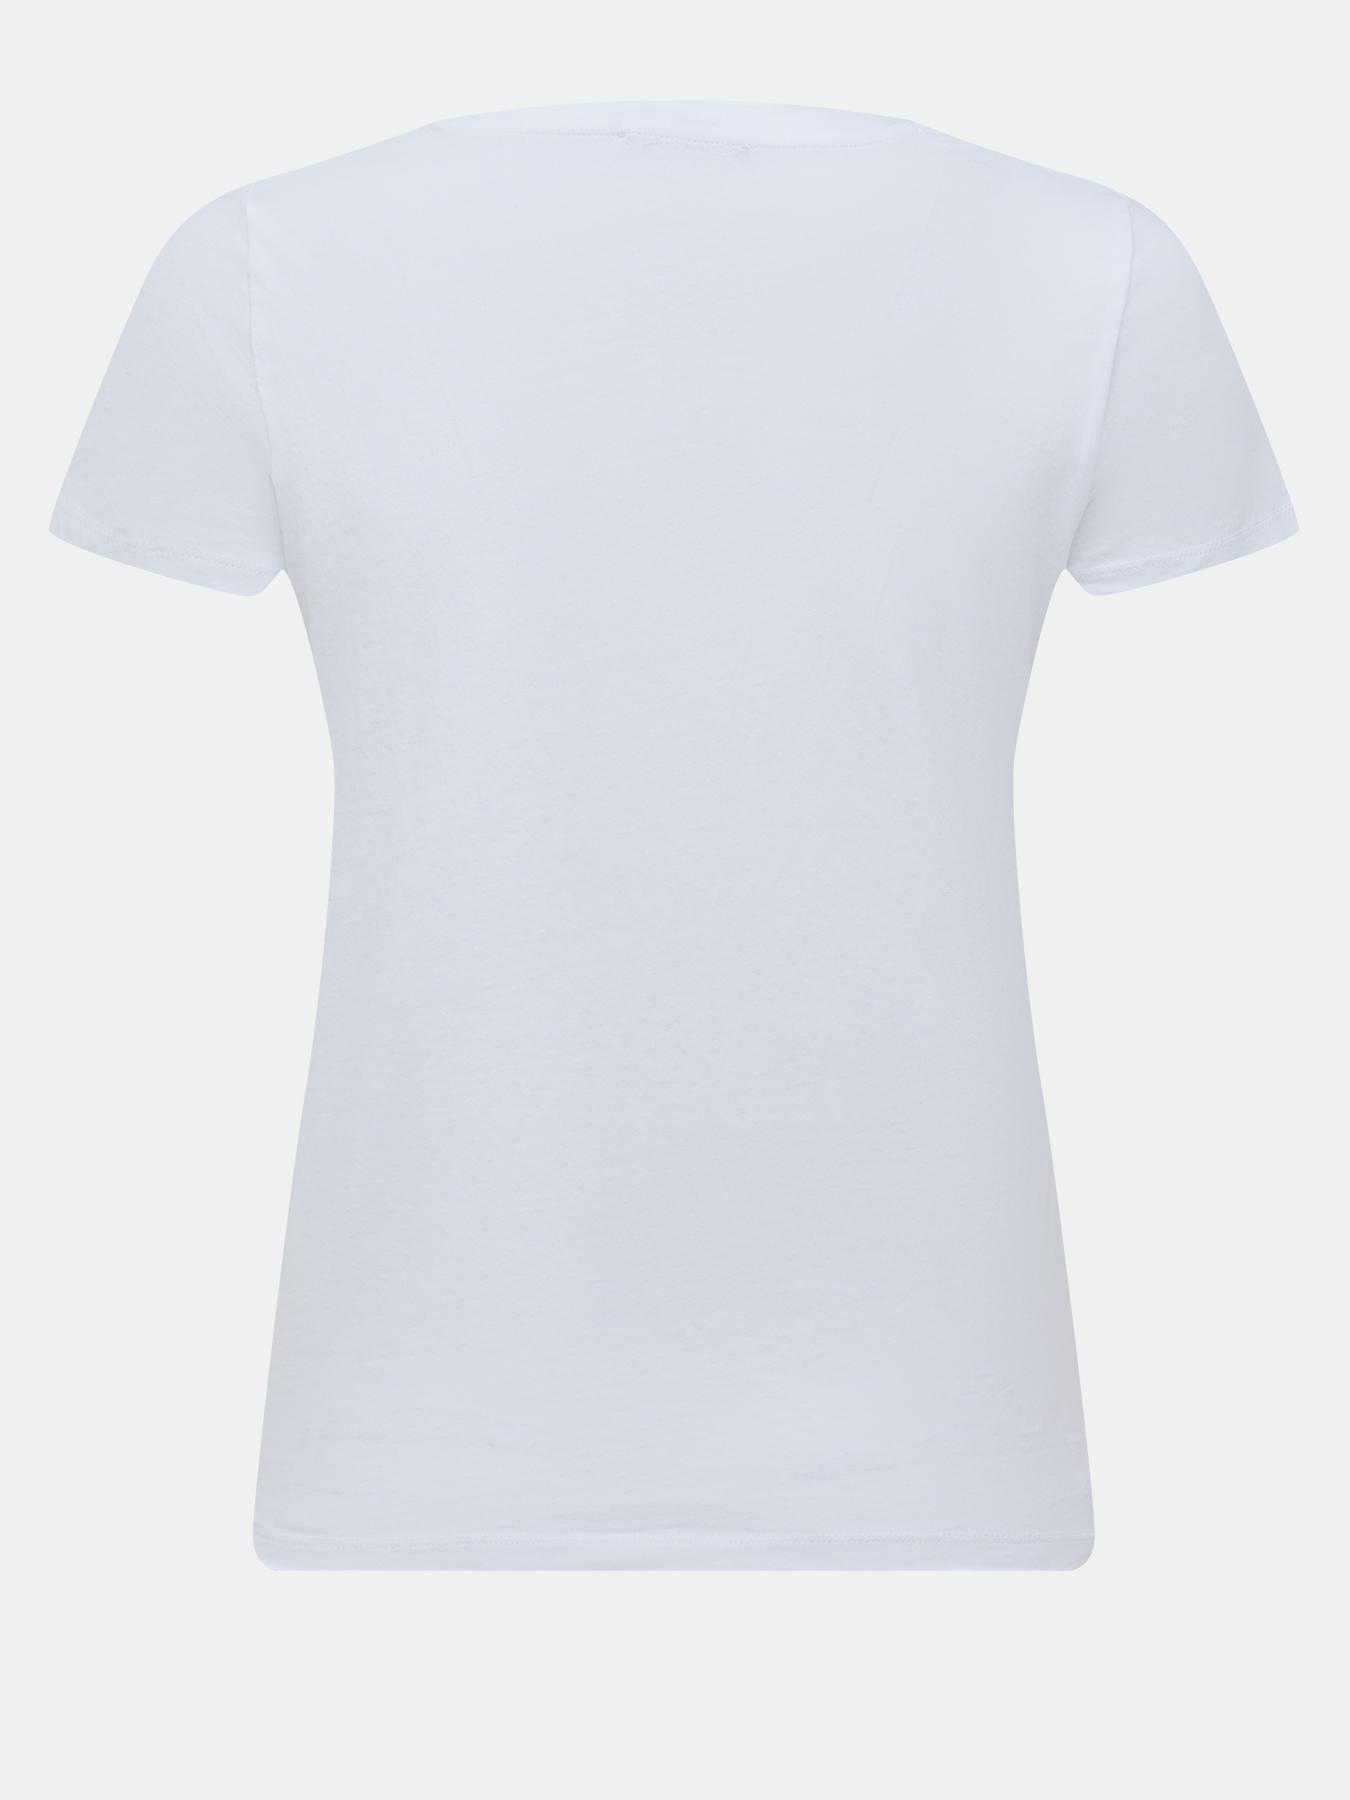 Фуфайка (футболка) RIVER WOODS Футболка river woods свитер